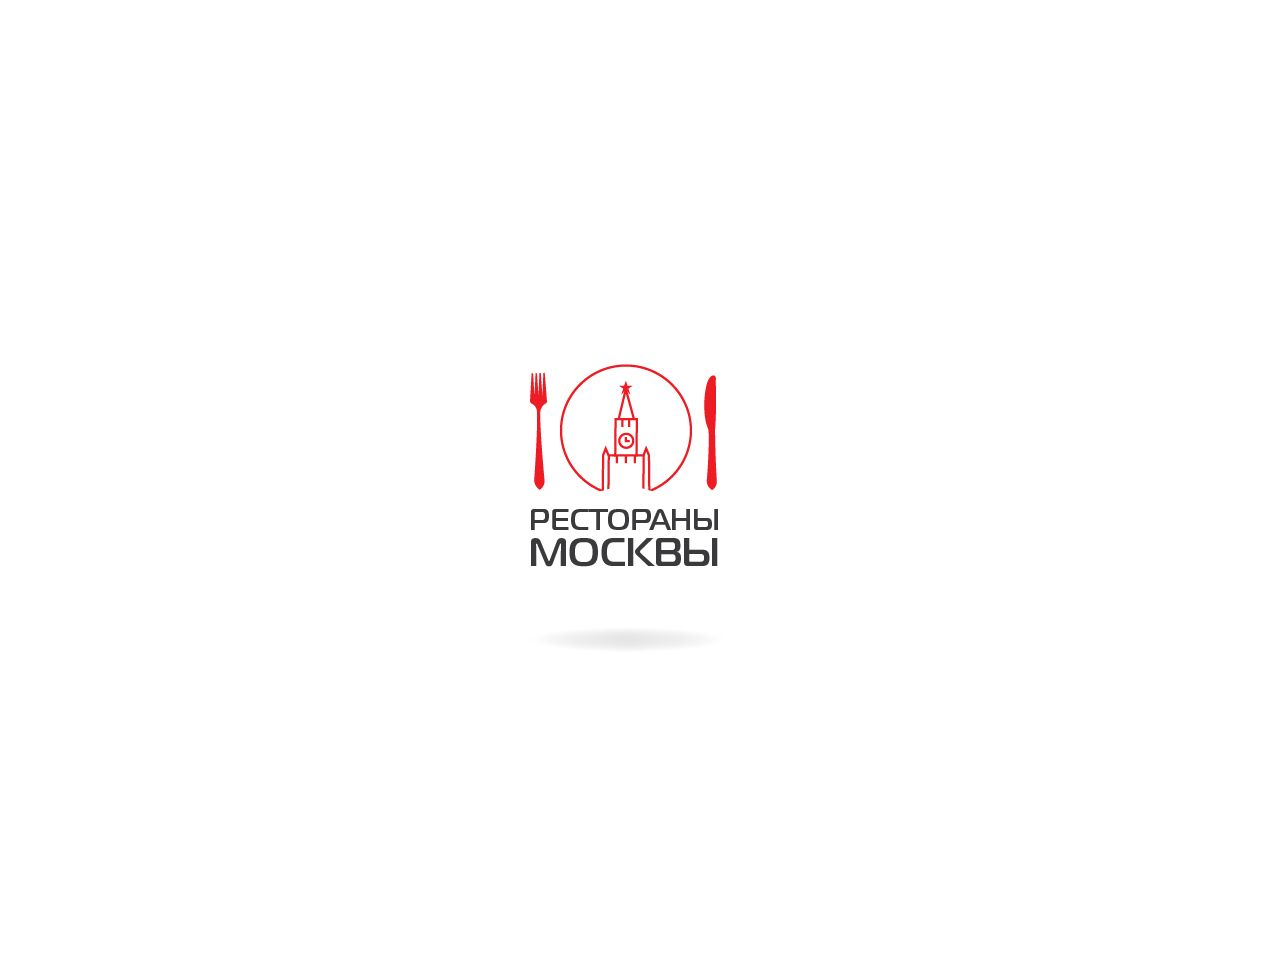 Логотип для Рестораны Москвы - дизайнер Plustudio